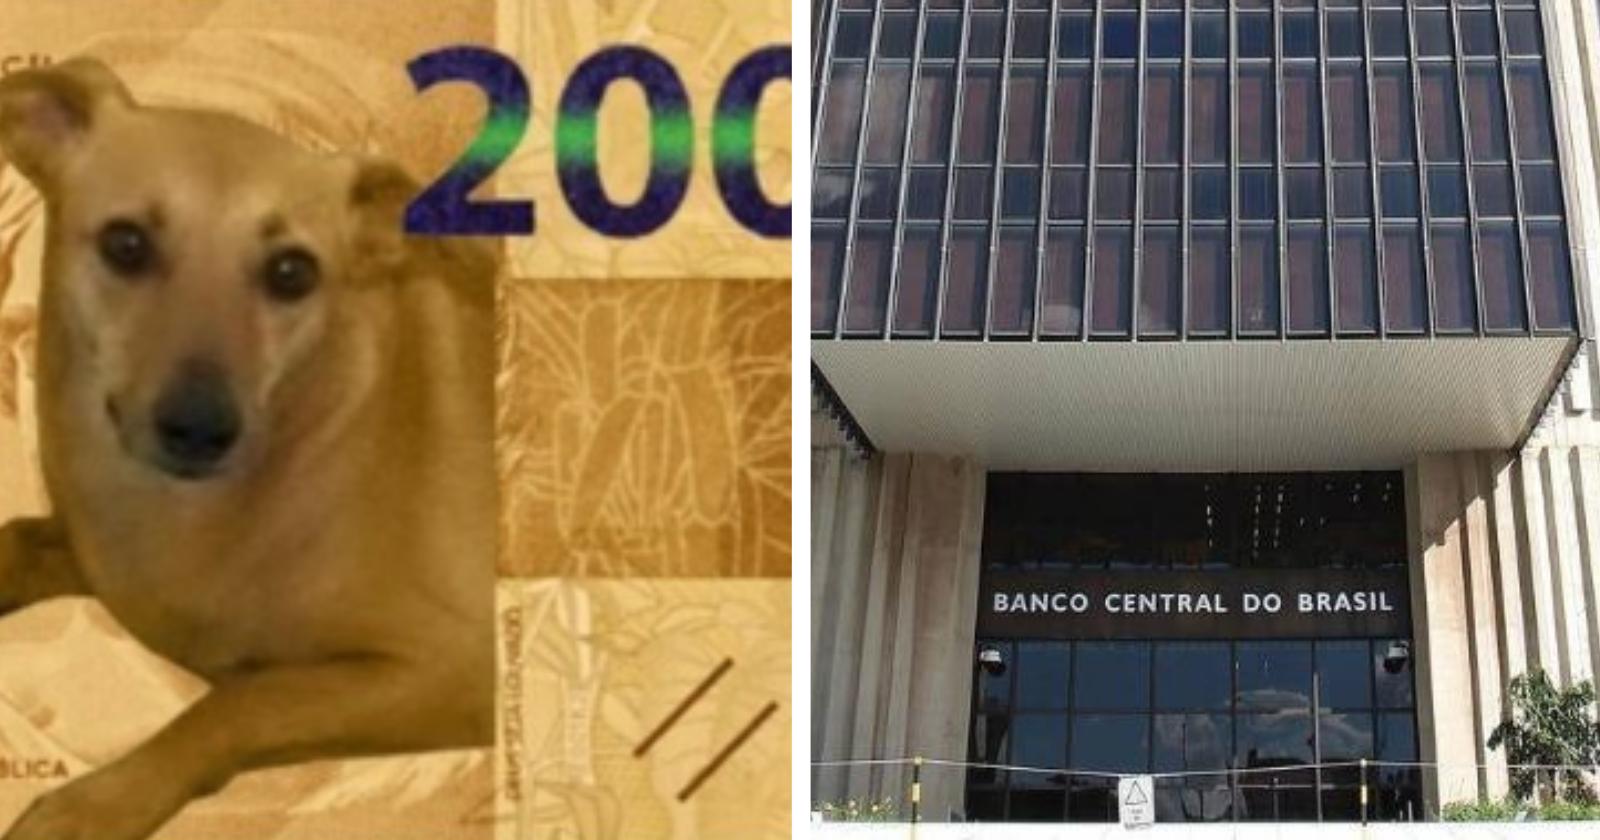 Banco Central dá resposta inusitada sobre petição de vira-lata caramelo em cédula de R$ 200